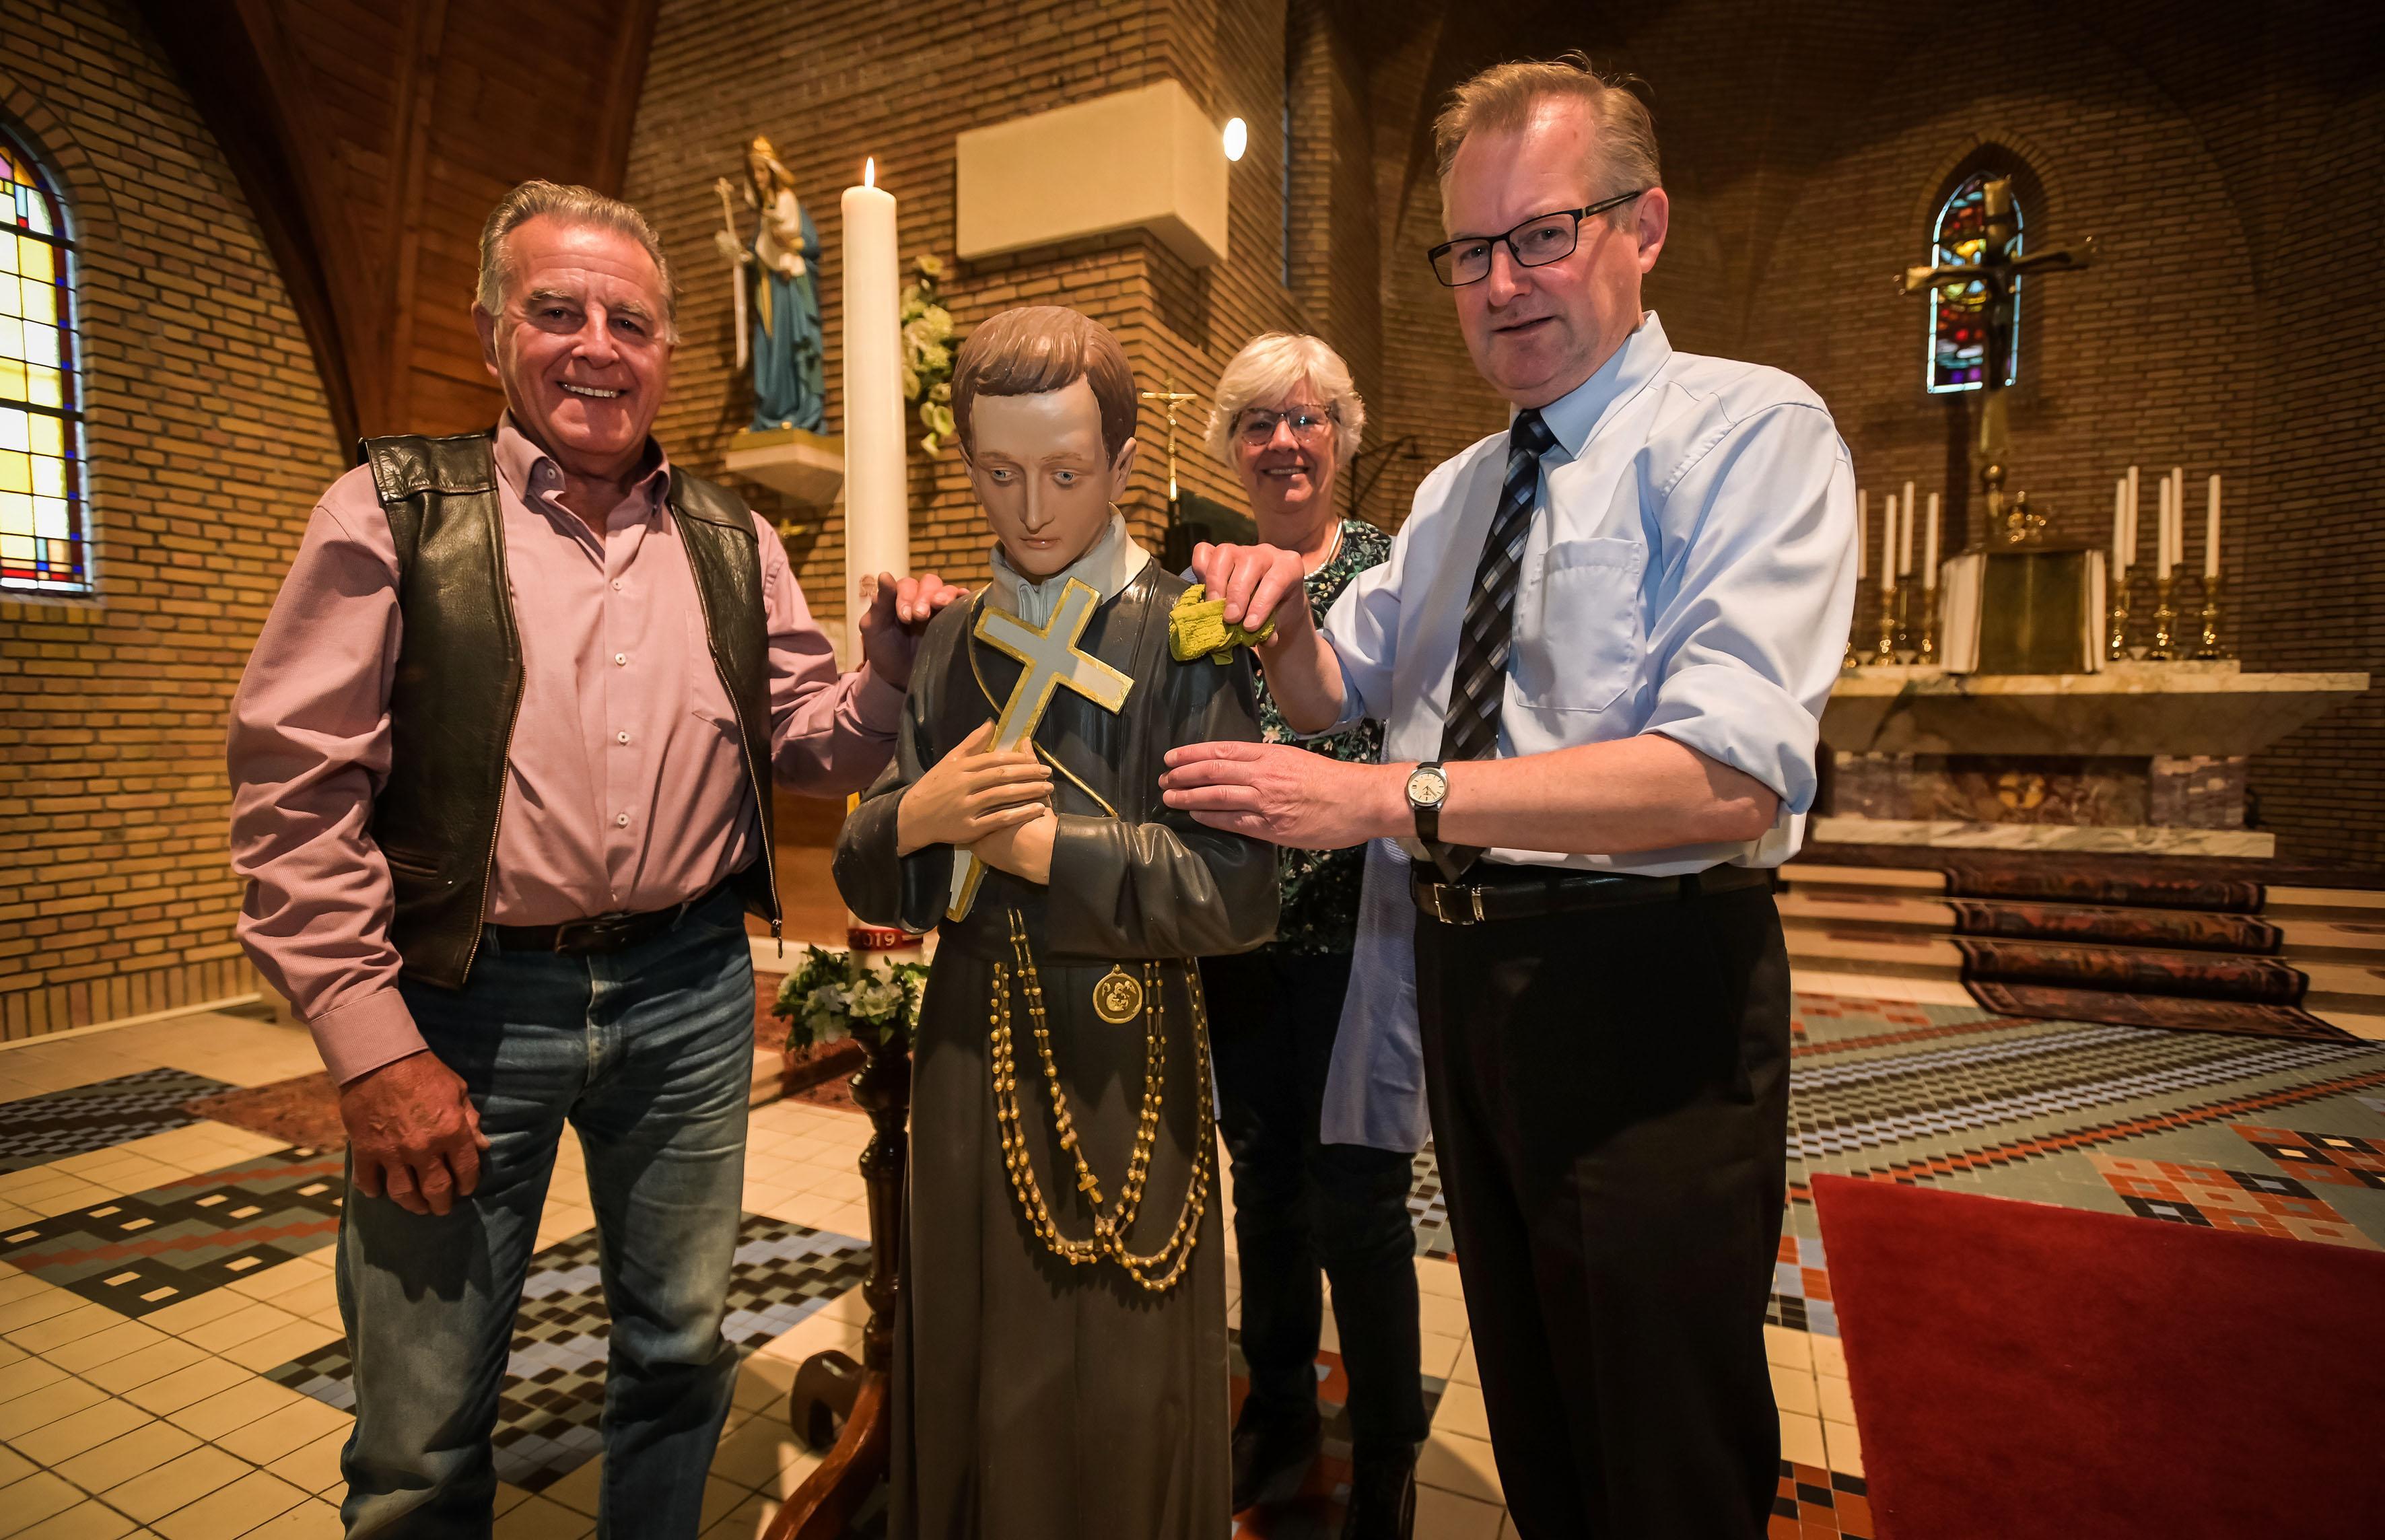 Honderdjarige parochie in Onderdijk kan terugvallen op grote groep vrijwilligers: 'Mooi studderen voor de kerk'